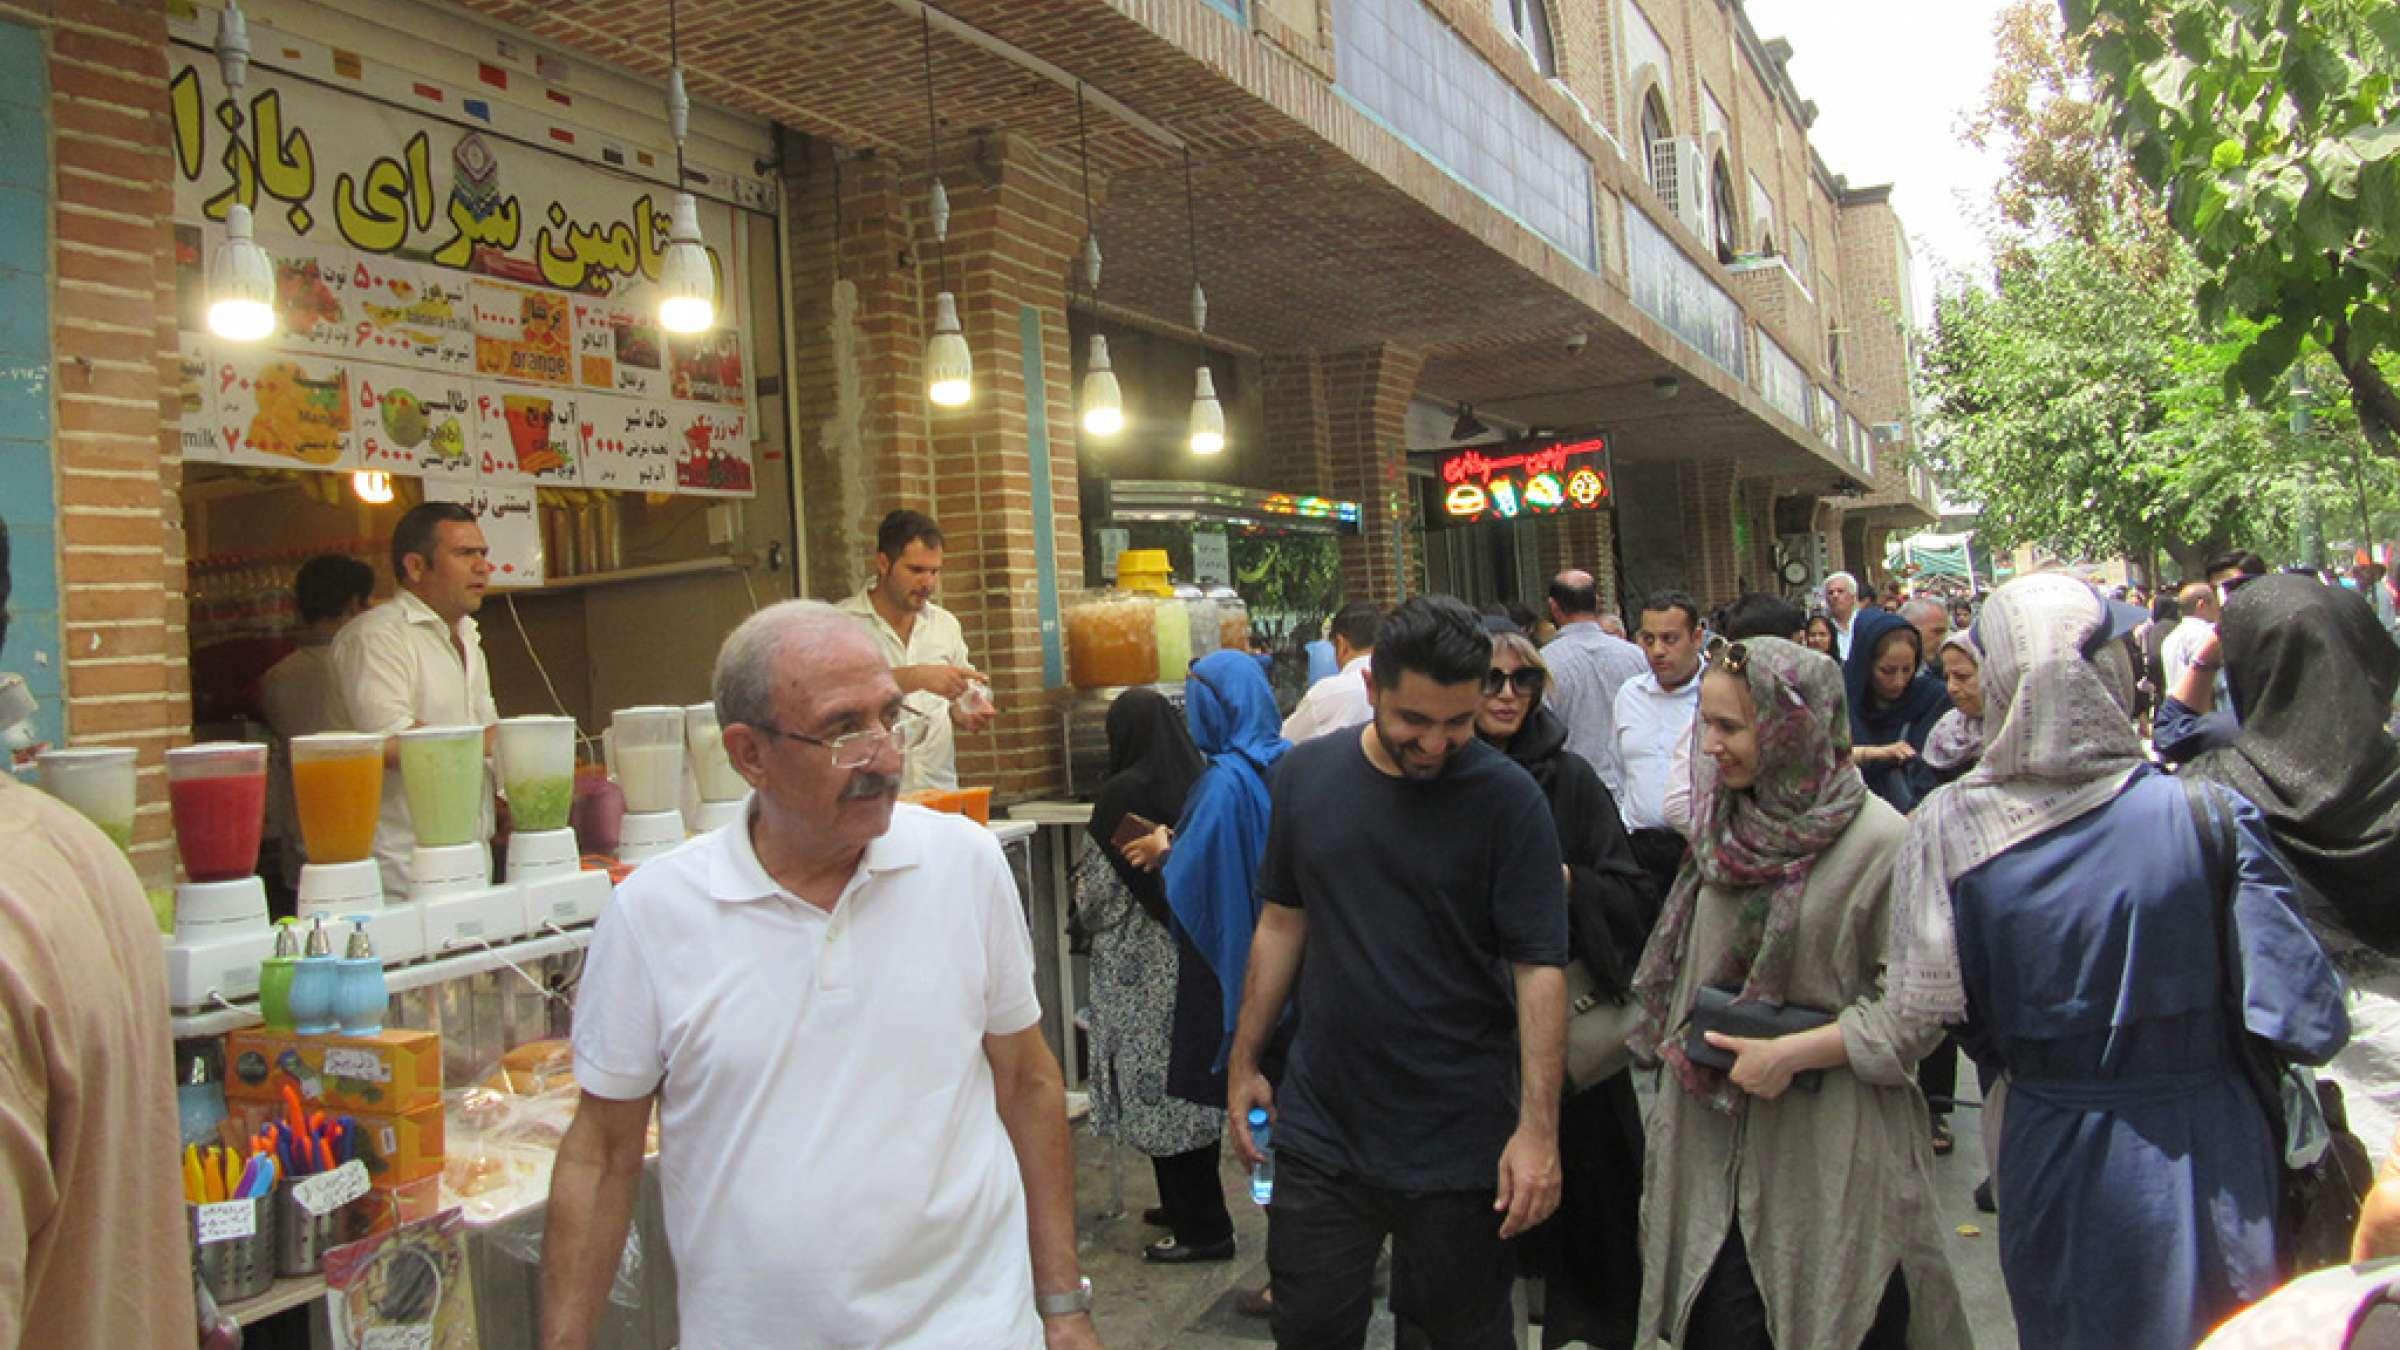 ادبیات-گلمحمدی-با-من-به-بازار-تهران-بیایید-آبمیوه-فروشان